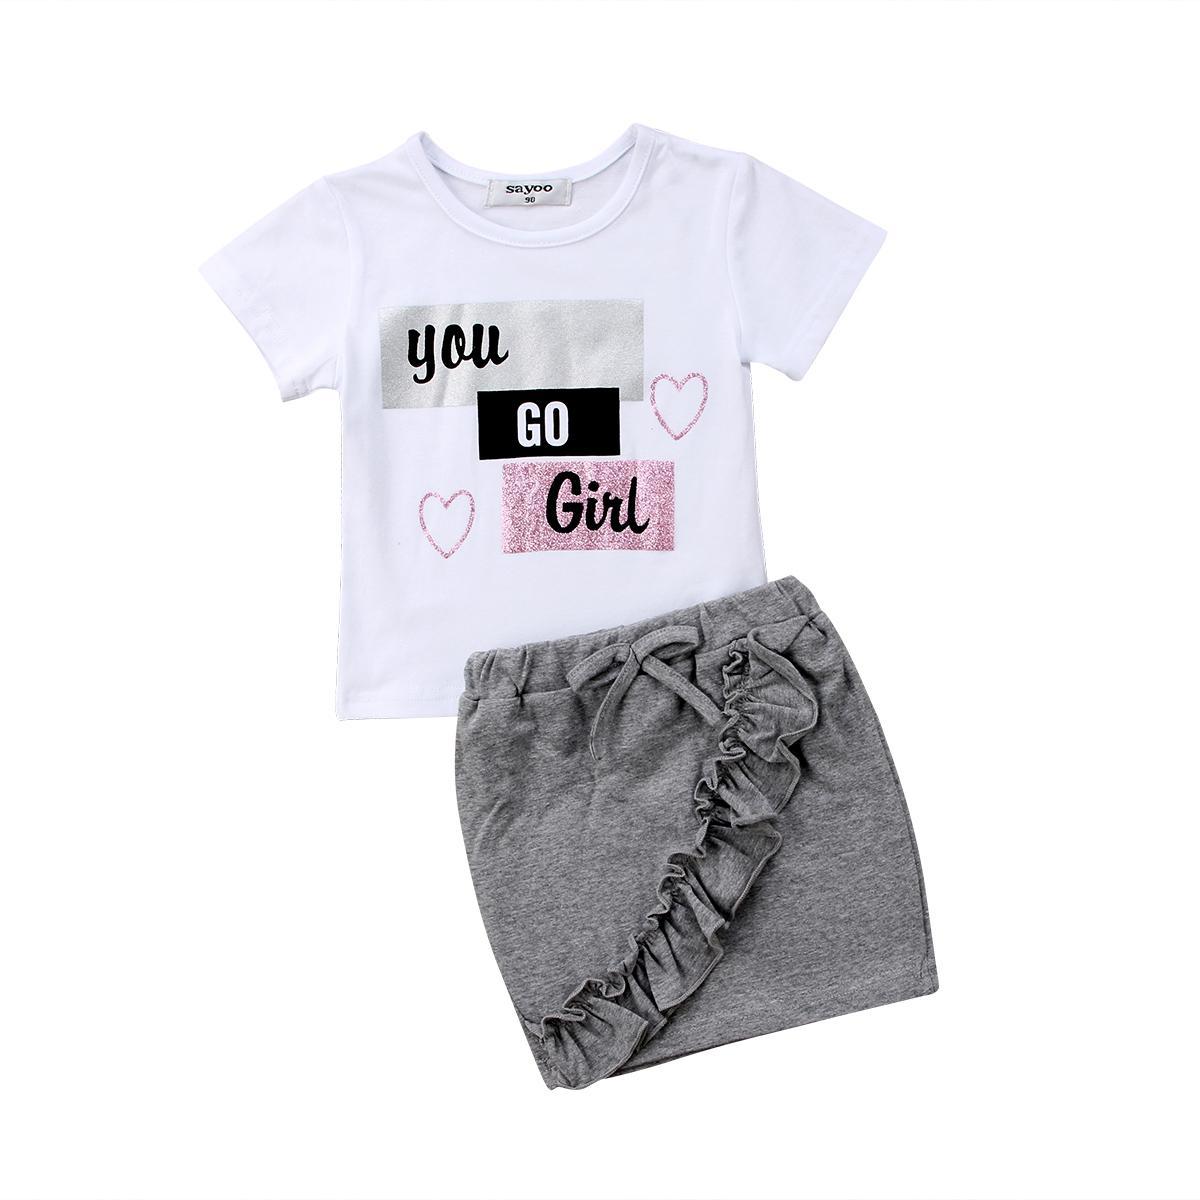 03d90f49e59de Girl Clothing Cute Outfit 2PCs Newborn Kid Children Baby Girls Clothes Set  Summer Short Sleeve Cotton Tops T-shirt Denim Skirts